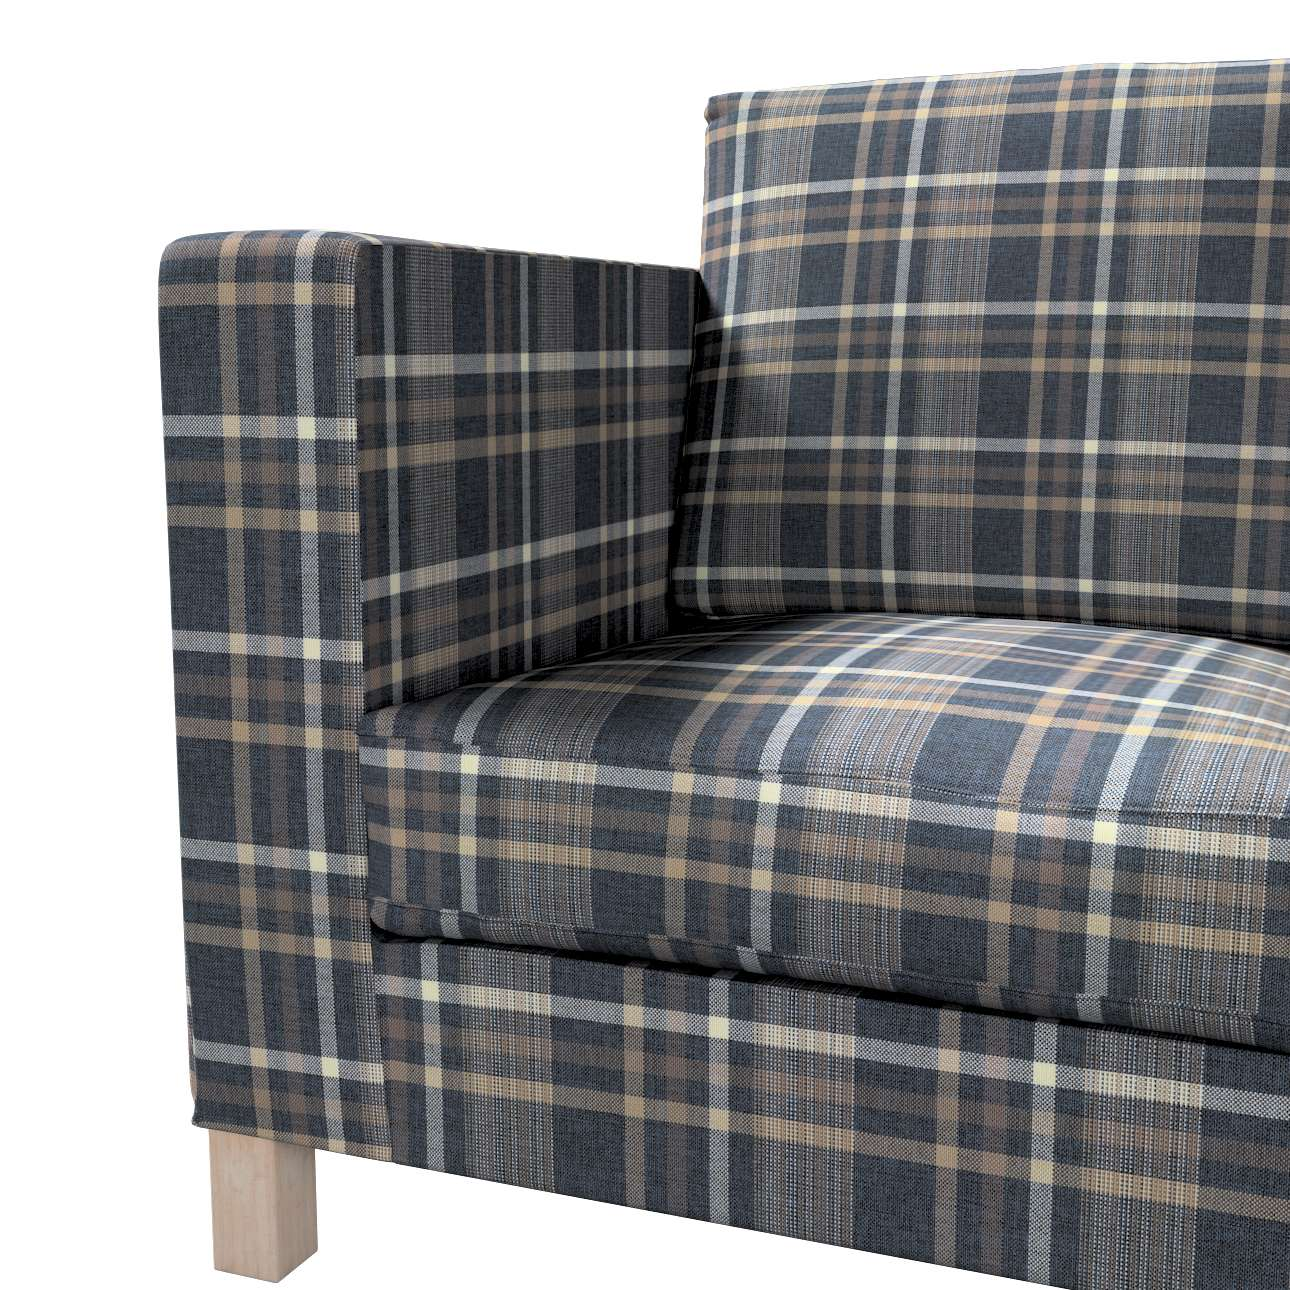 Bezug für Karlanda 3-Sitzer Sofa nicht ausklappbar, kurz von der Kollektion Edinburgh , Stoff: 703-16